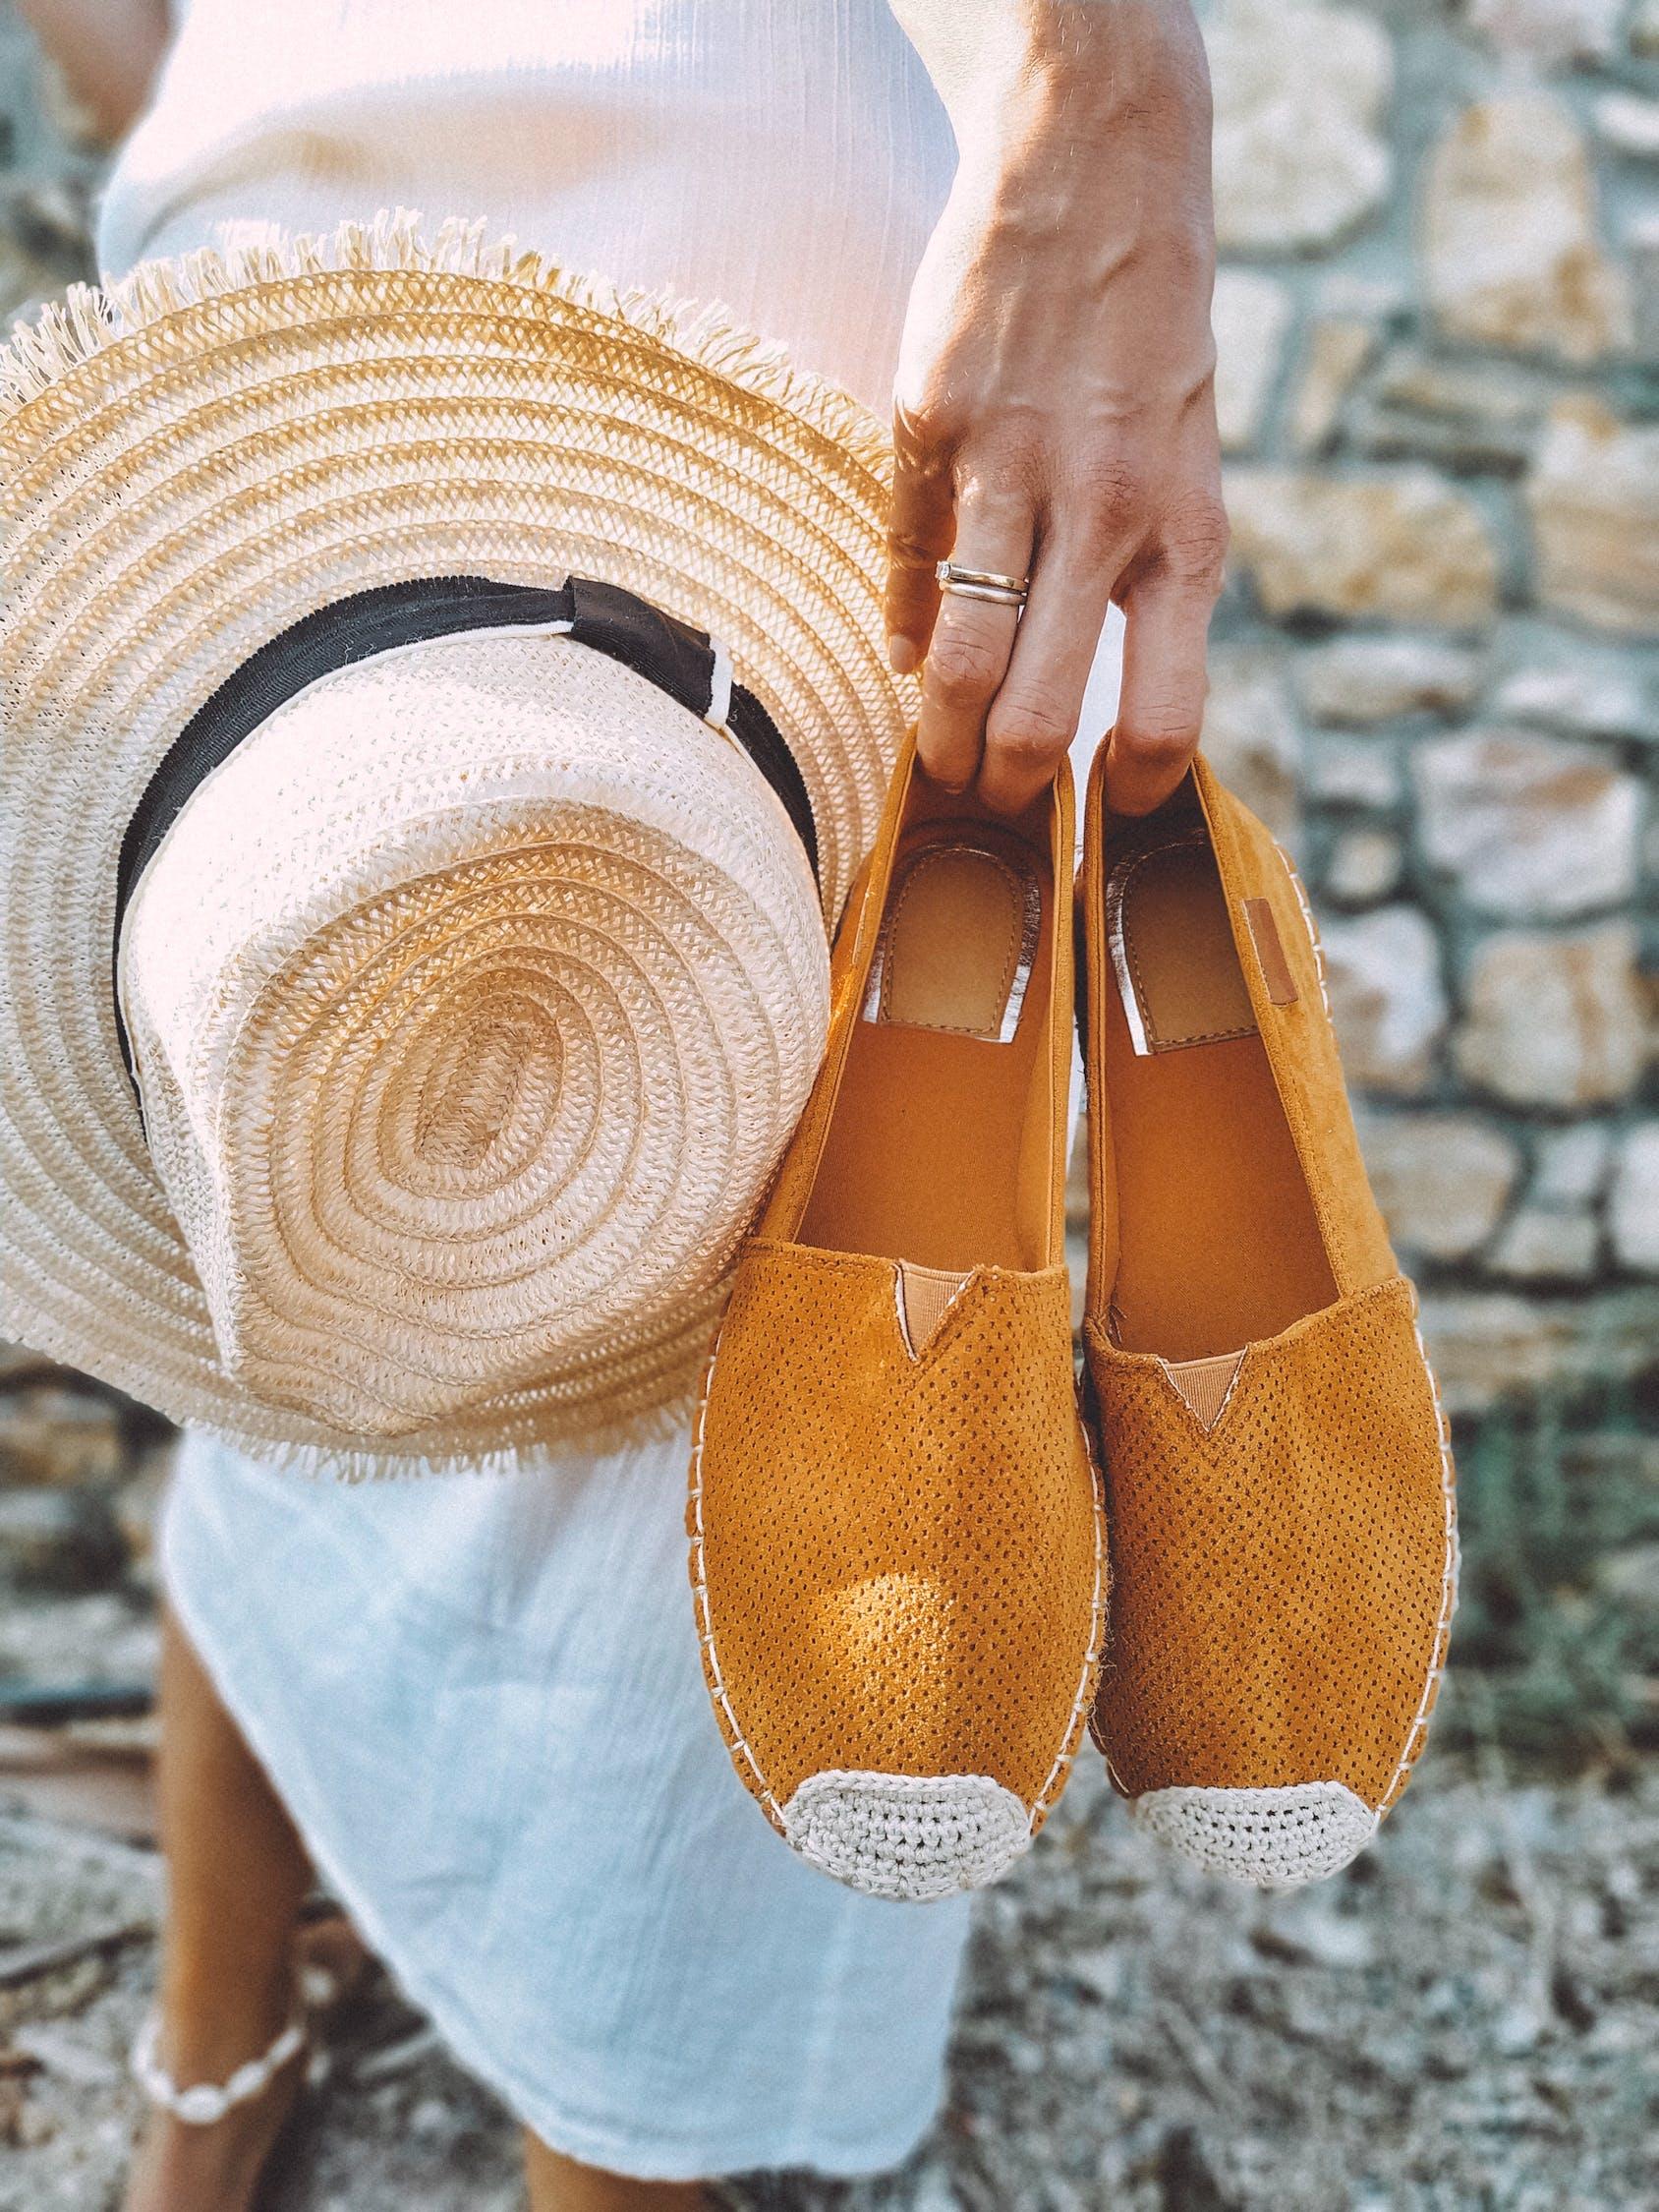 Częste wietrzenie niweluje nieprzyjemny zapach butów